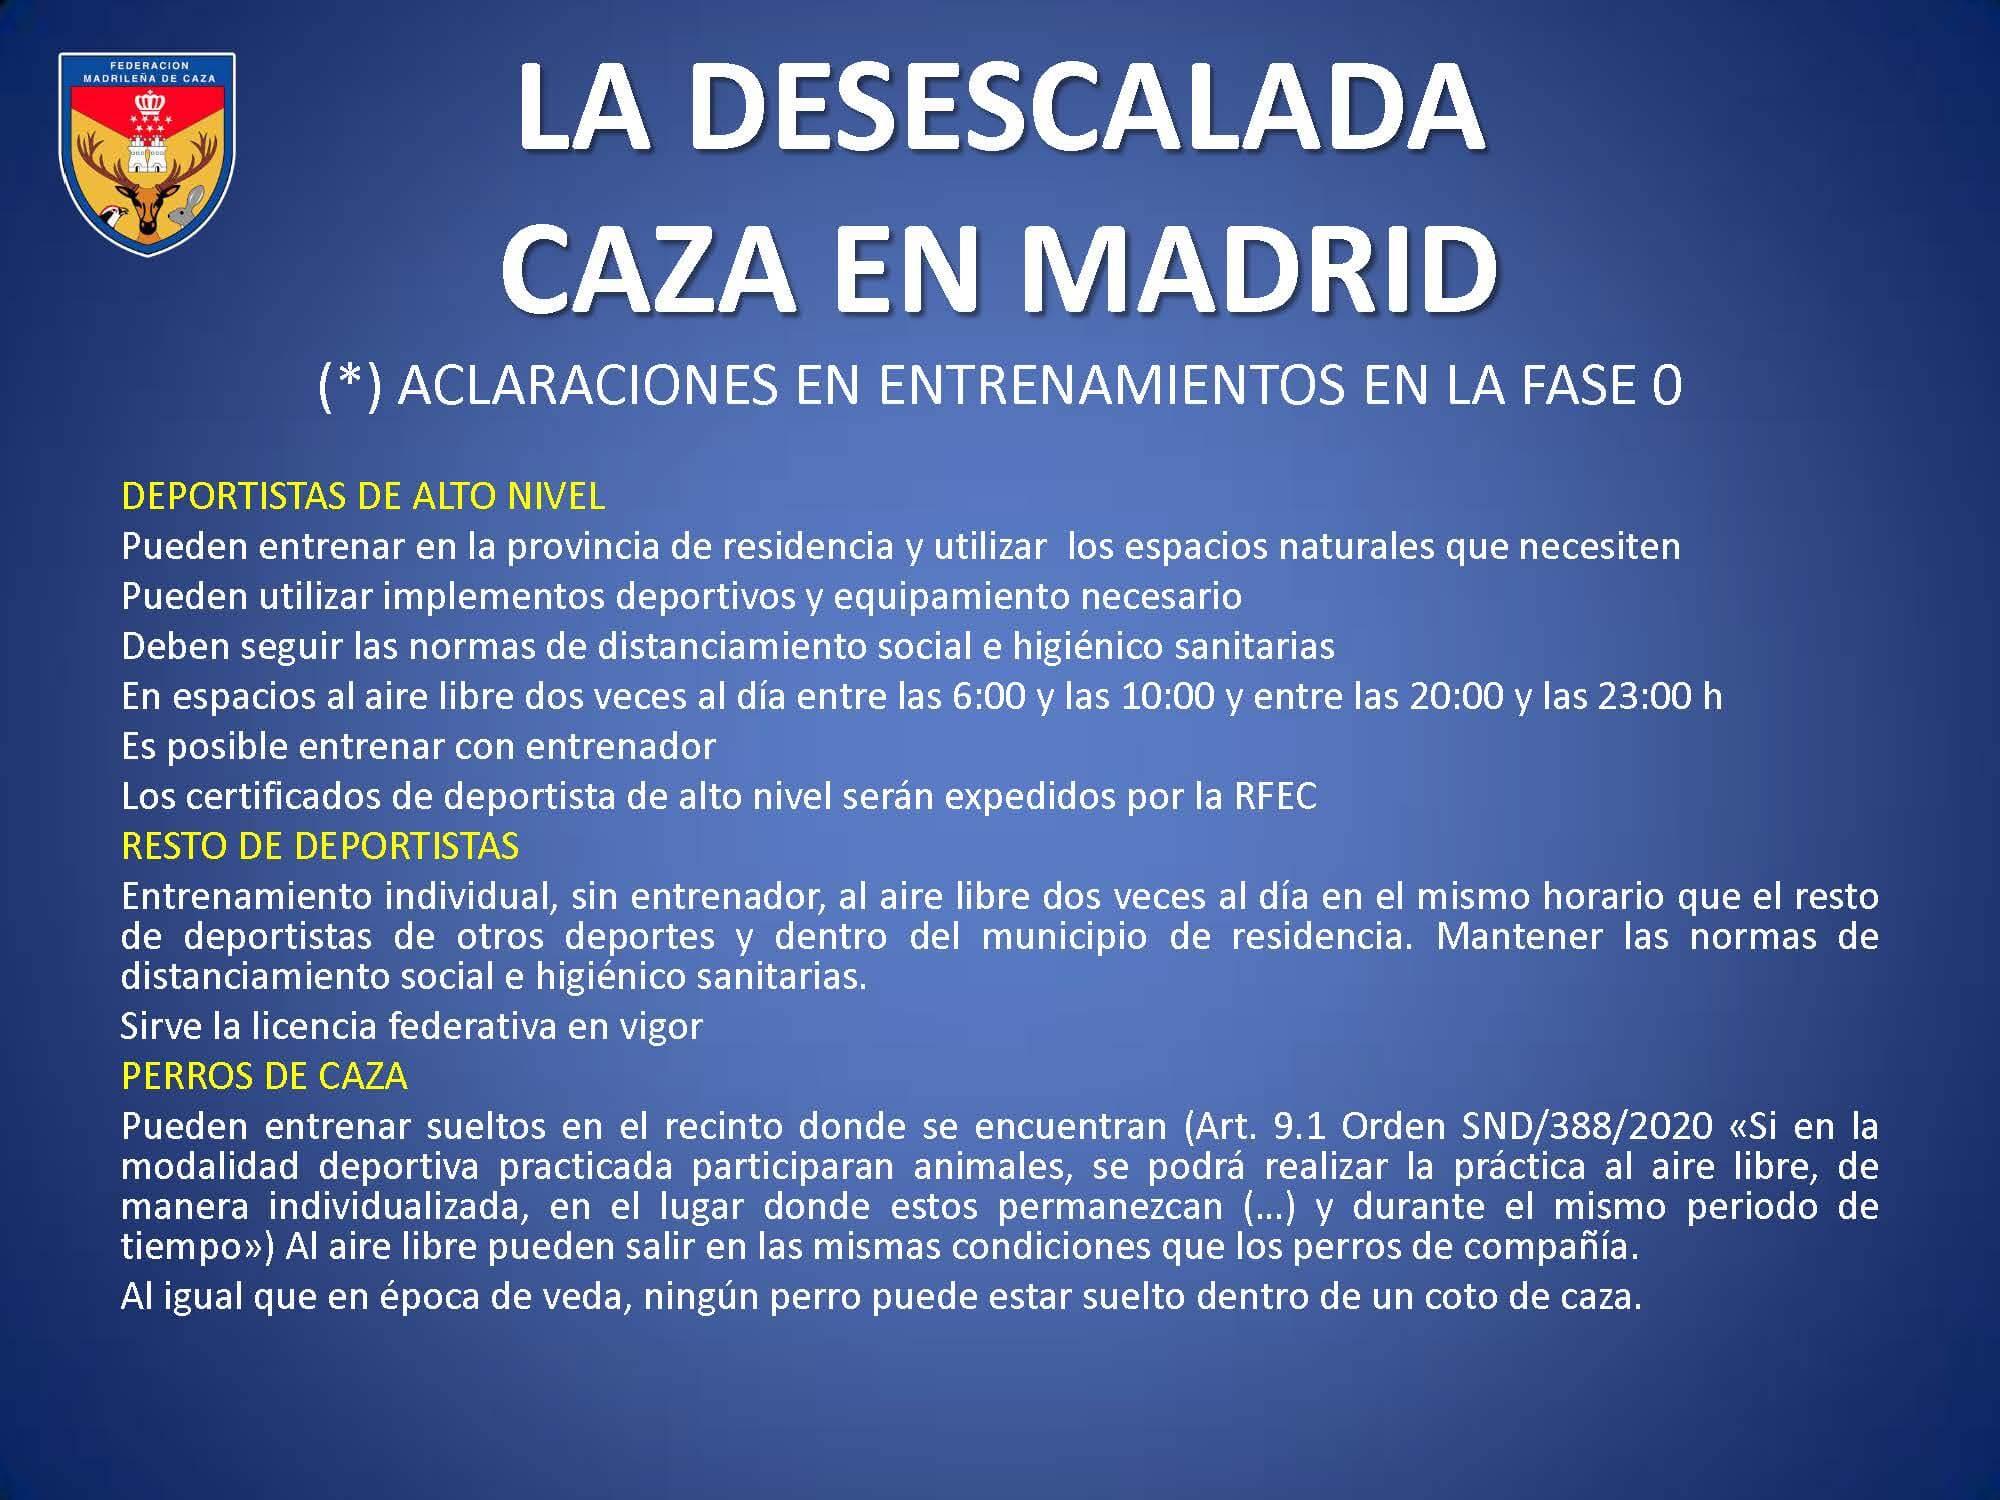 La desescalada. Caza en Madrid. Fases establecidas